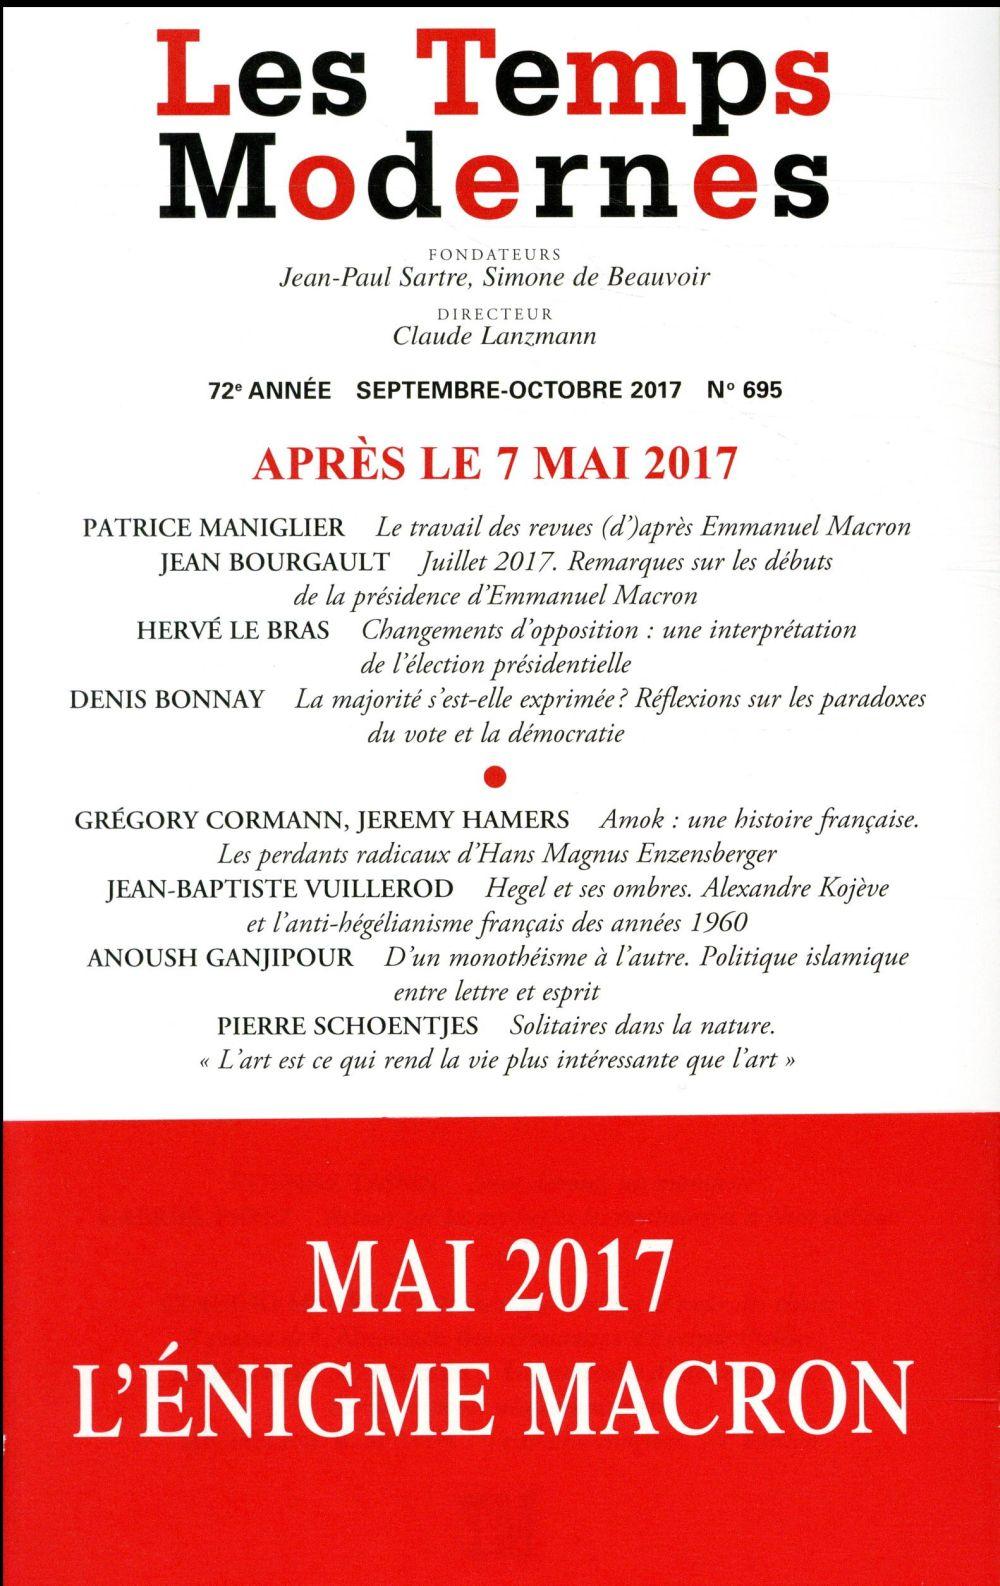 Revue les temps modernes ; apres le 7 mai 2017